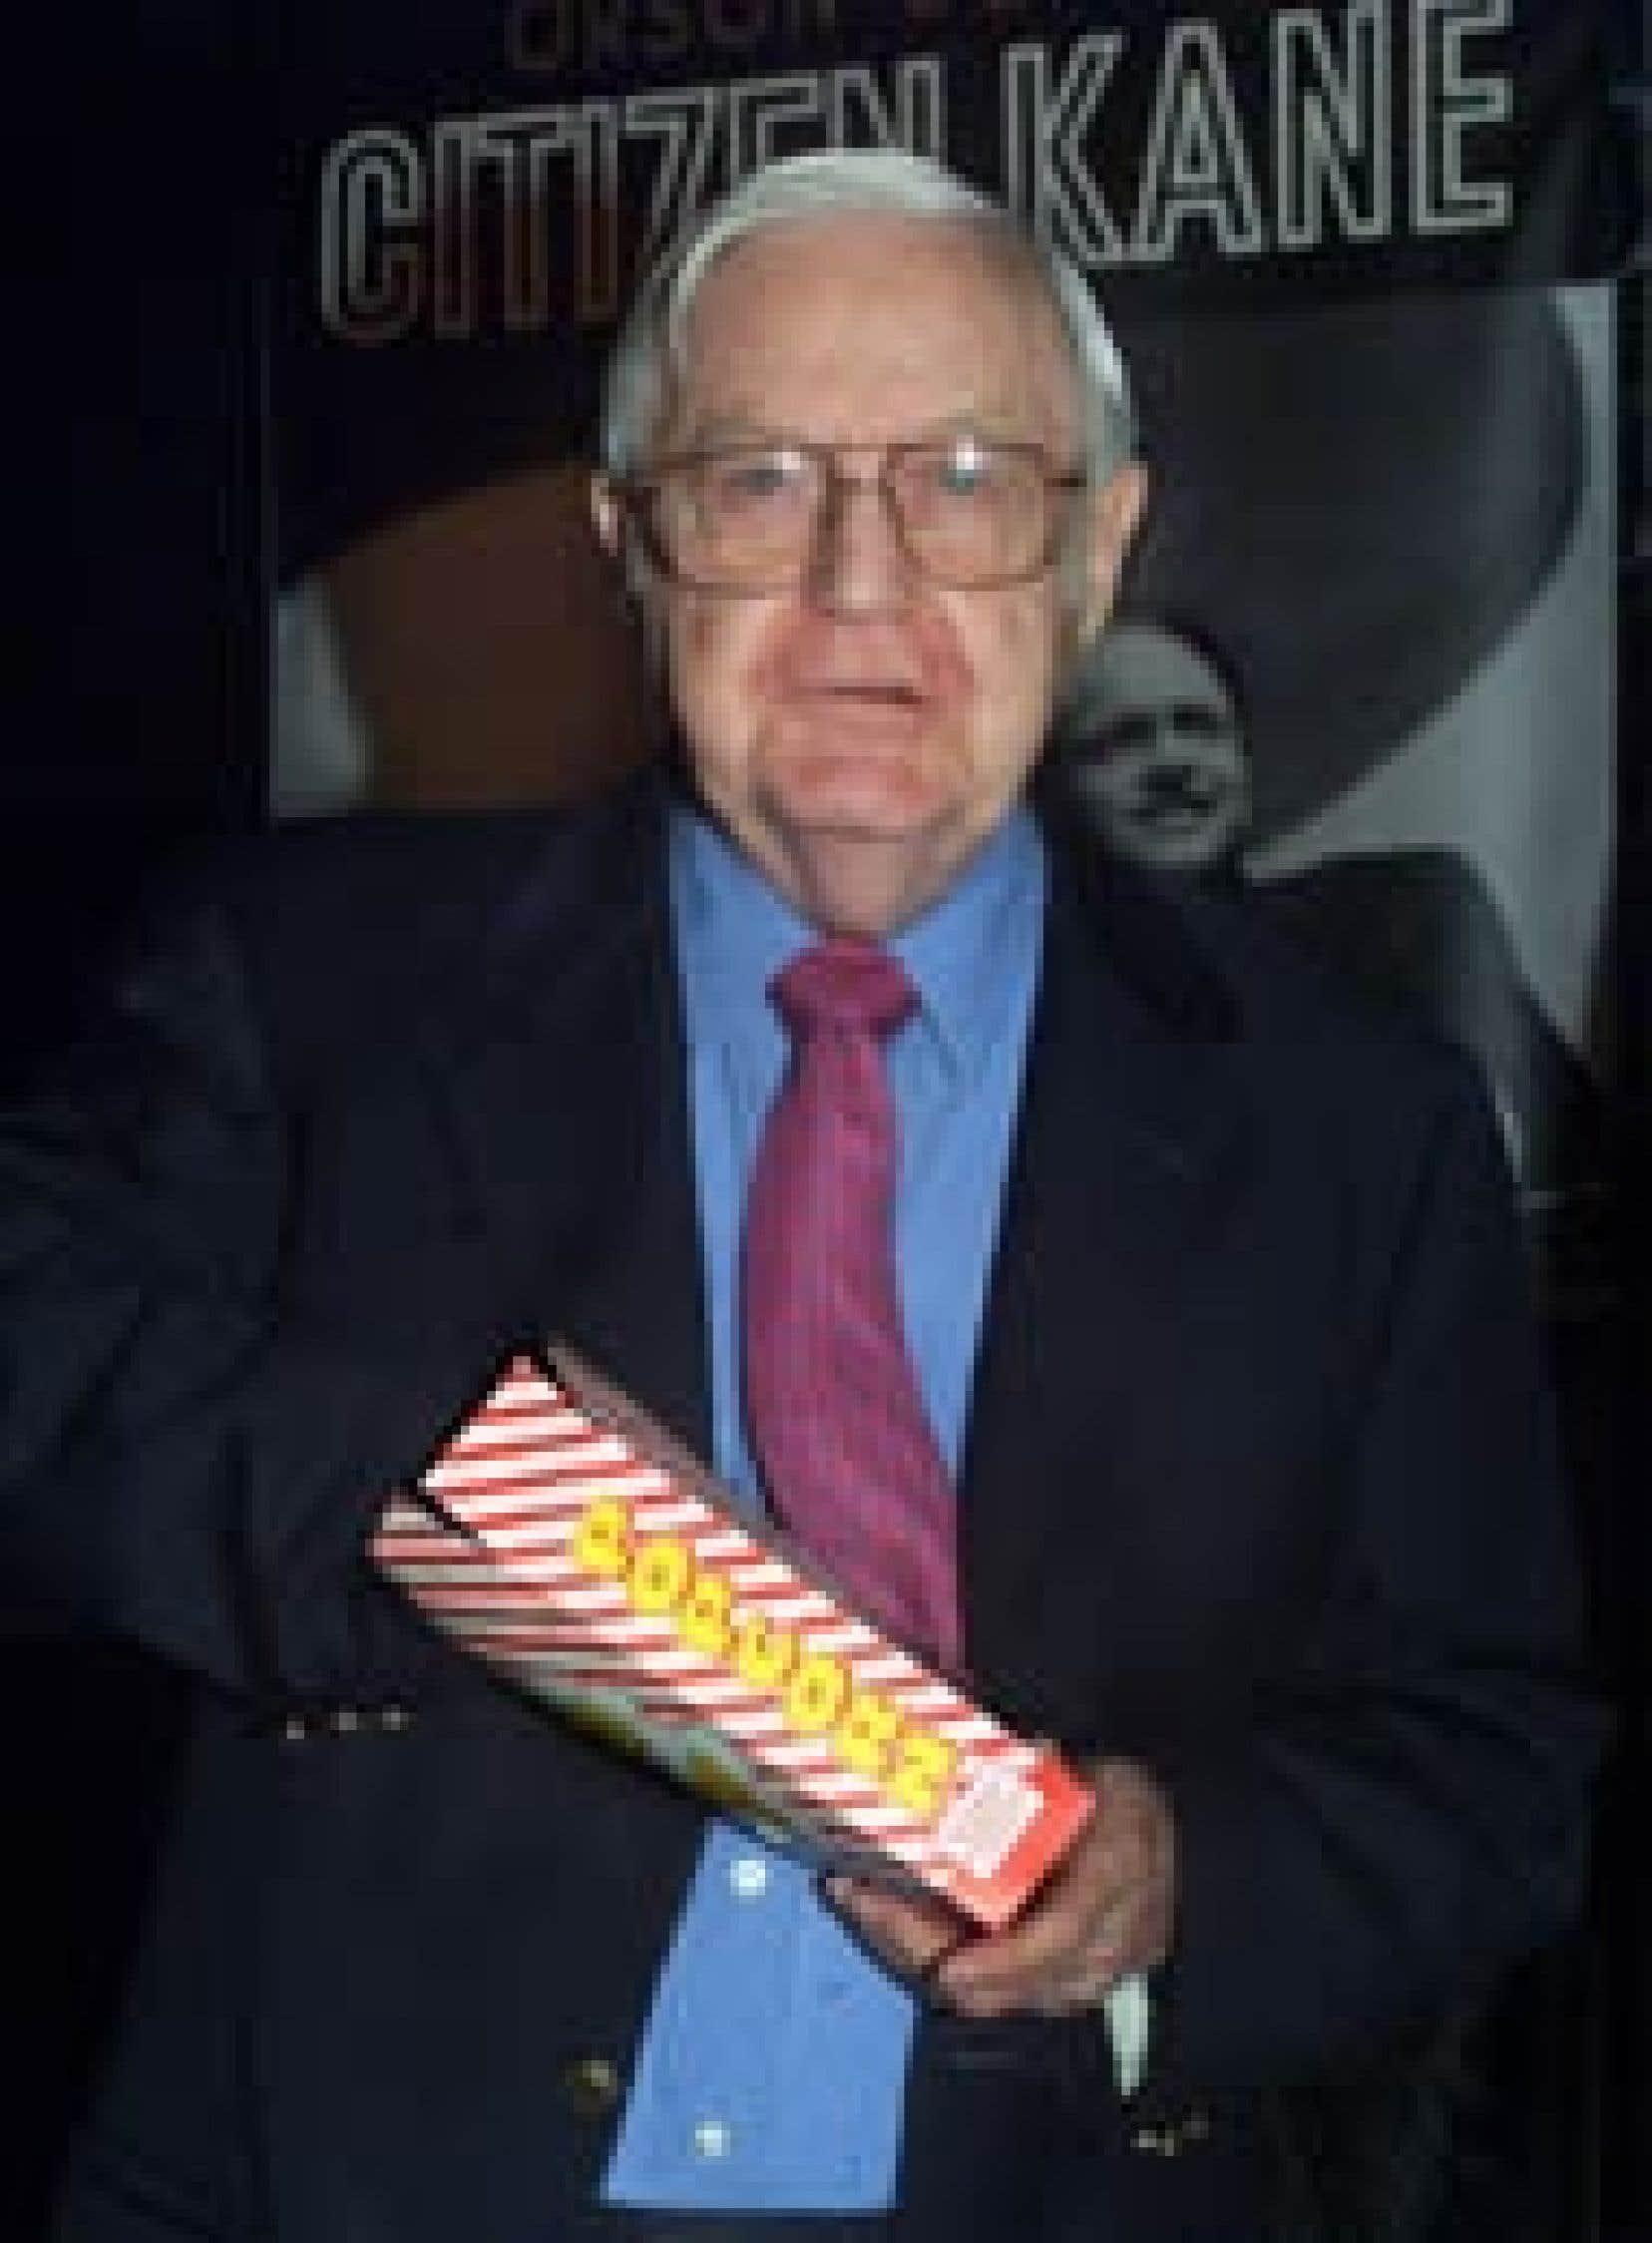 Cette photo d'archives montre Robert Wise pendant qu'il assistait à la sortie DVD du film Citizen Kane, à Hollywood en septembre 2001.